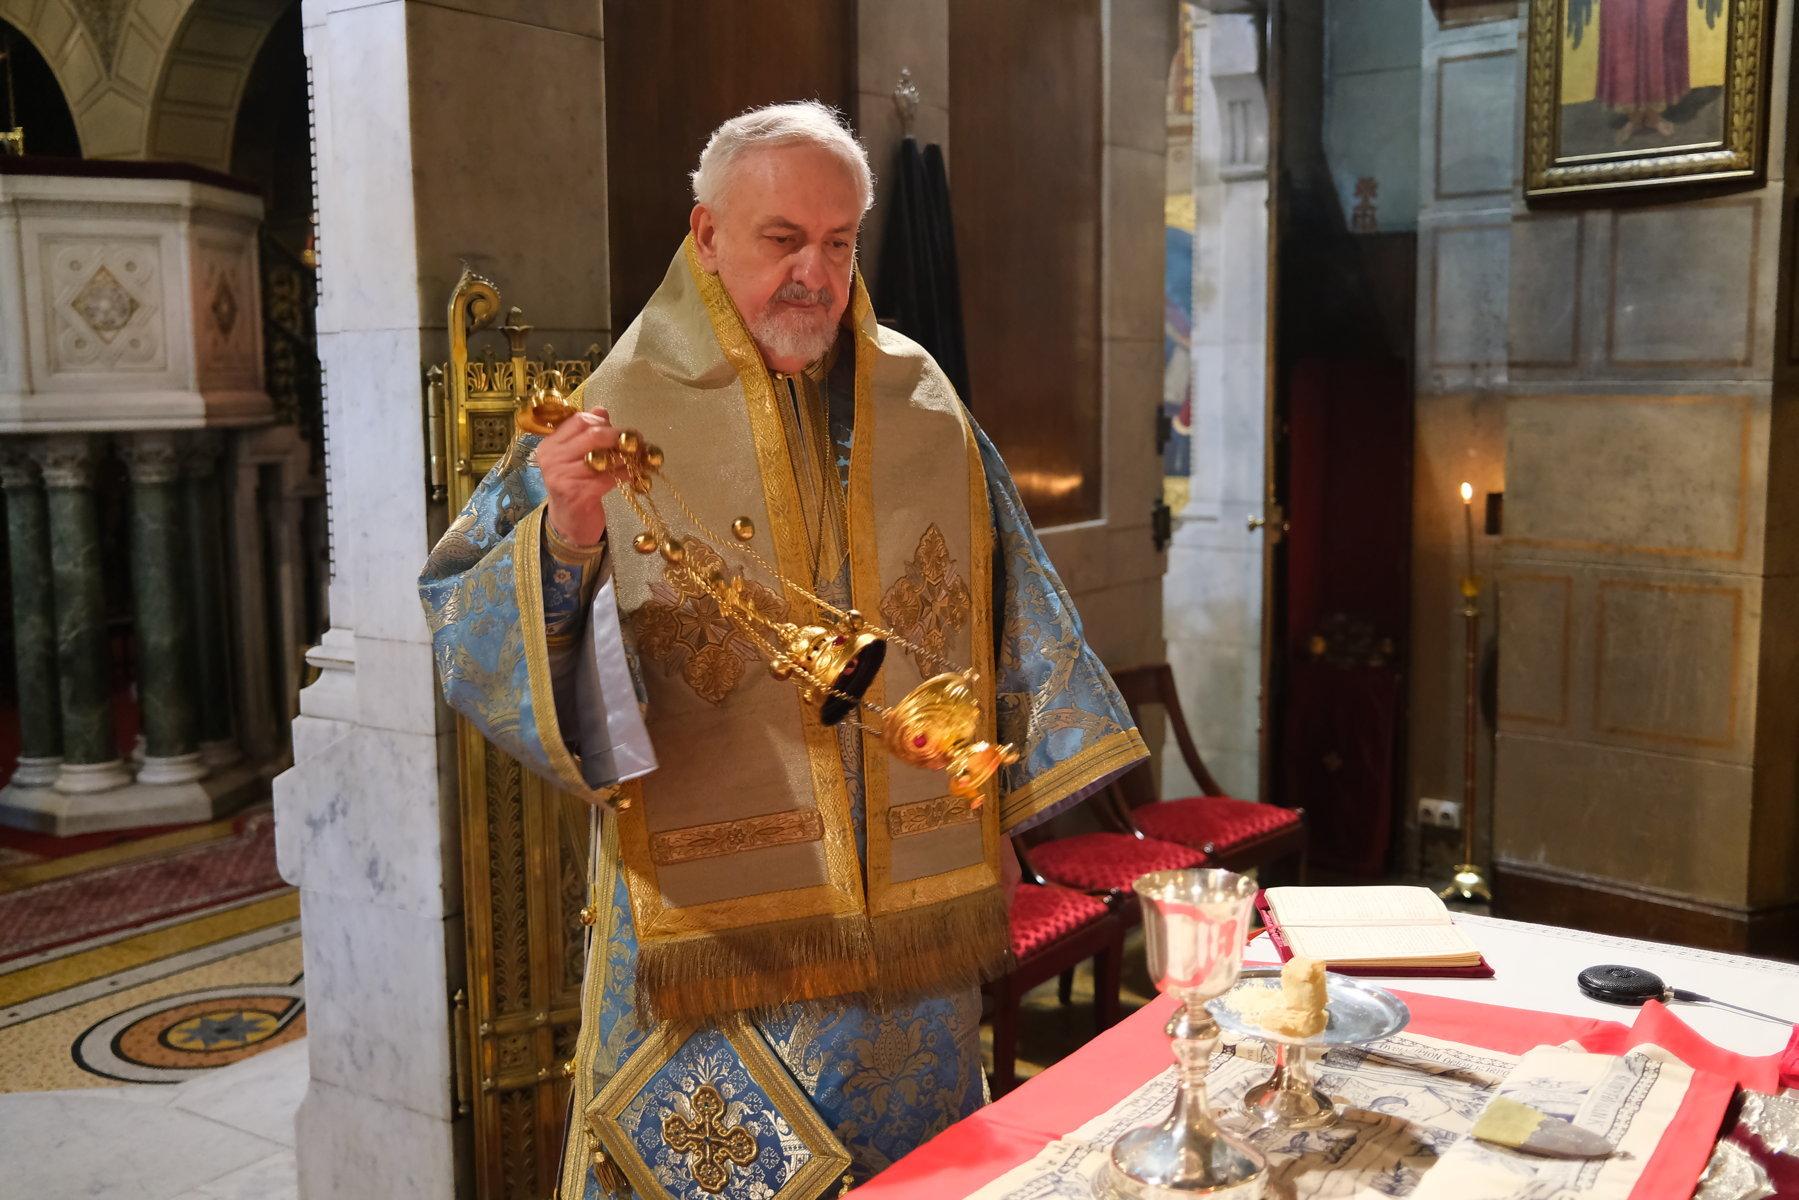 13  - Ο Ευαγγελισμός της Θεοτόκου στο Παρίσι (φωτο)